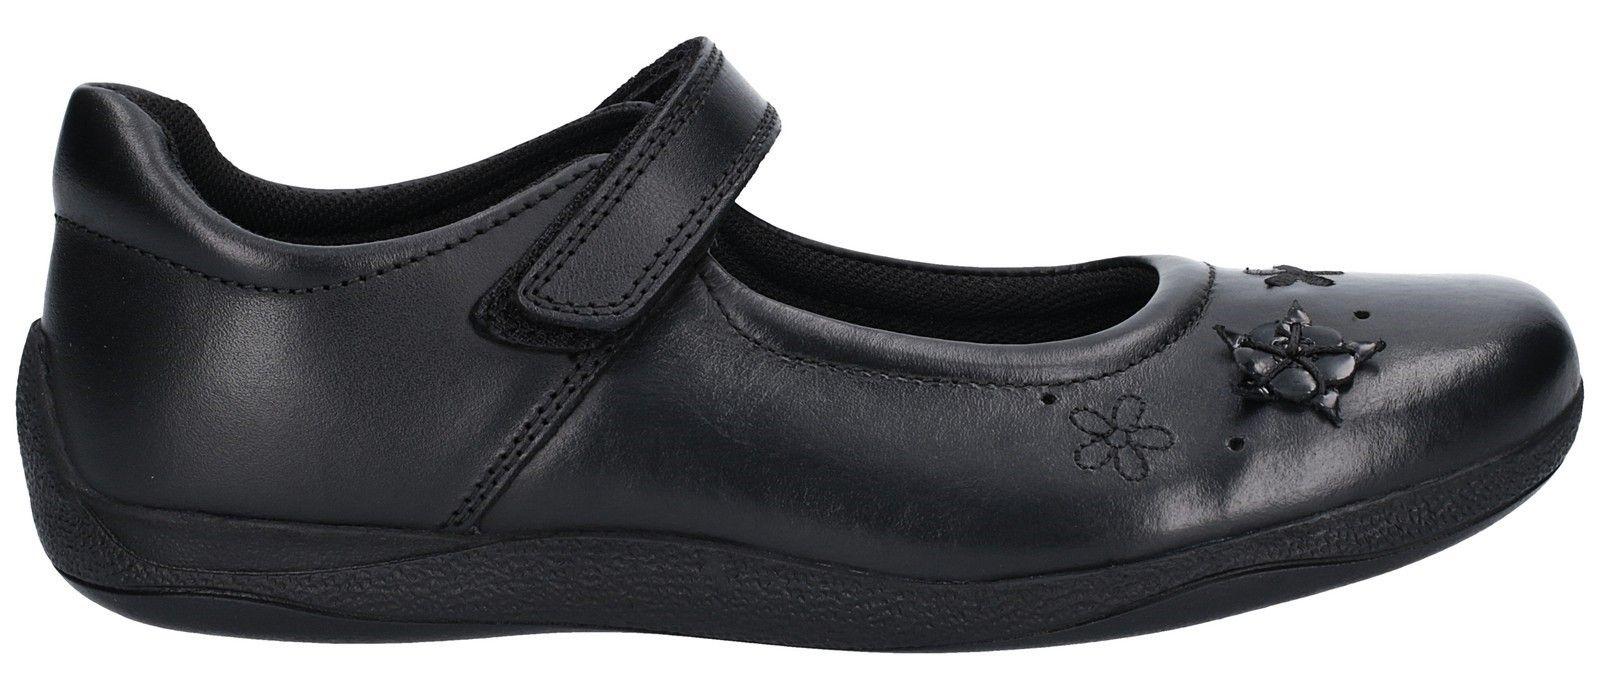 Candy Junior School Shoe